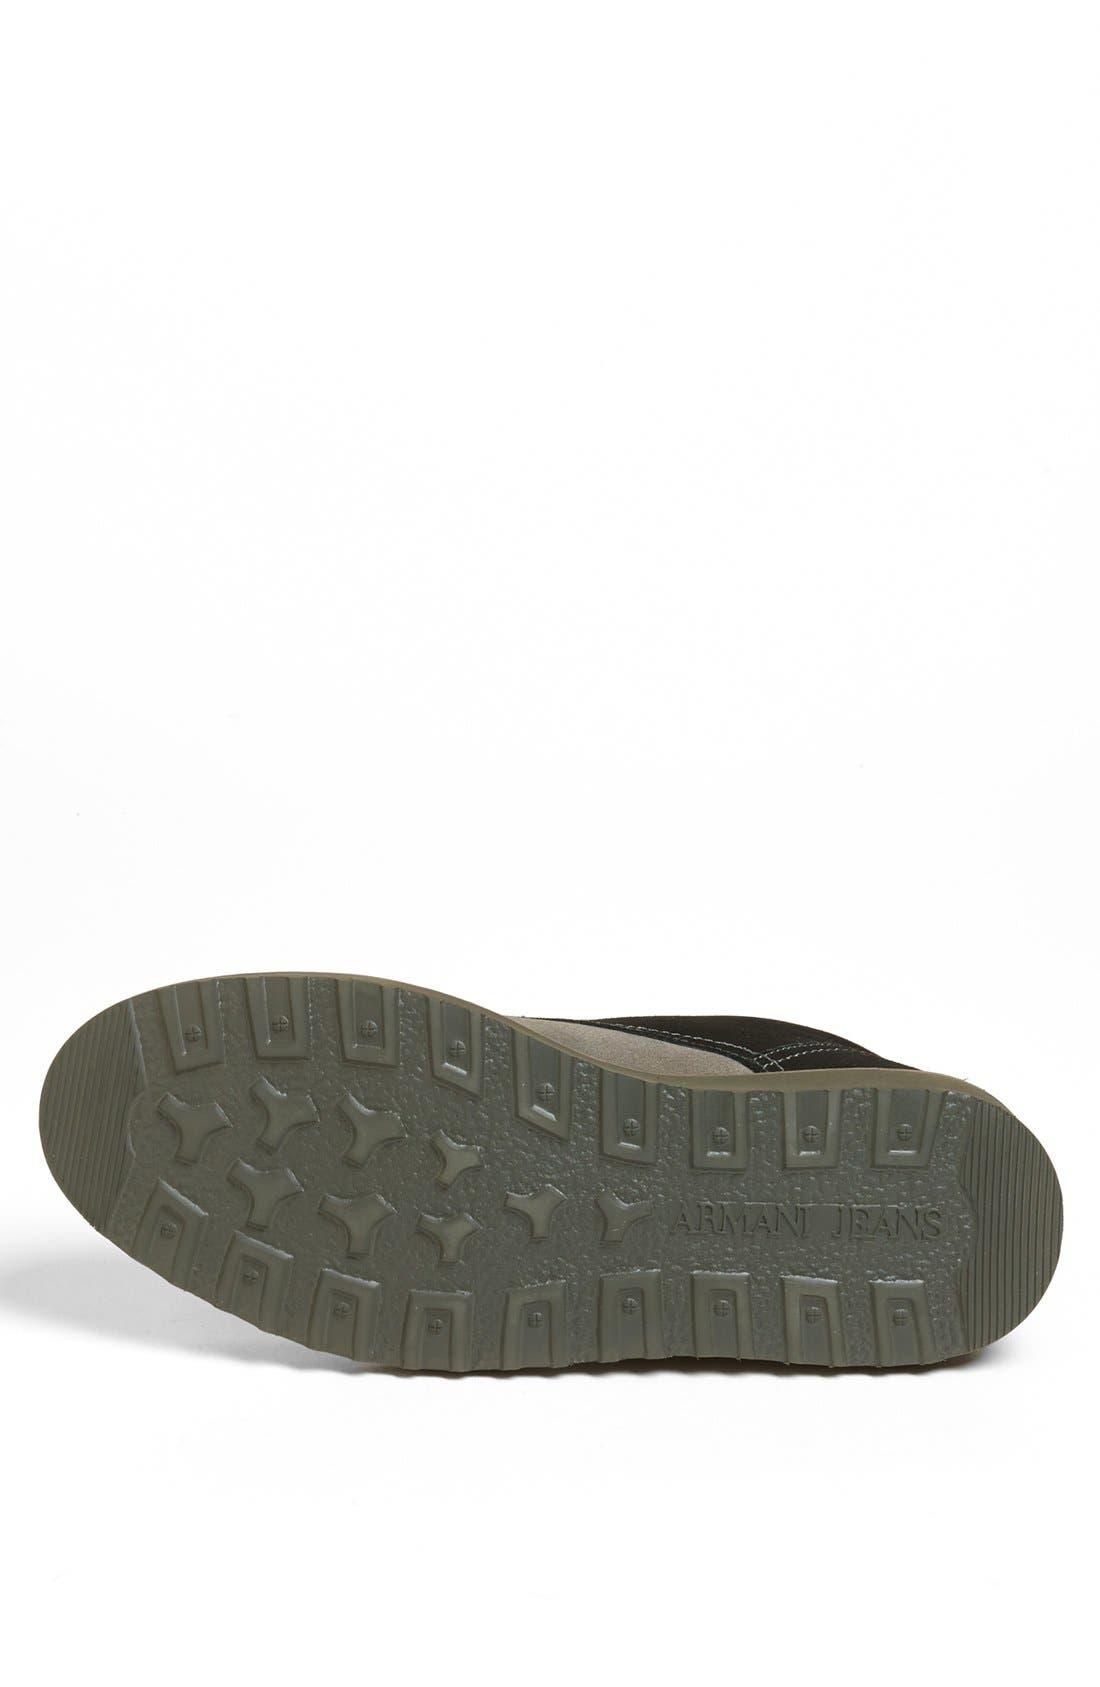 Alternate Image 4  - Armani Jeans 'Desert' Chukka Boot (Men)